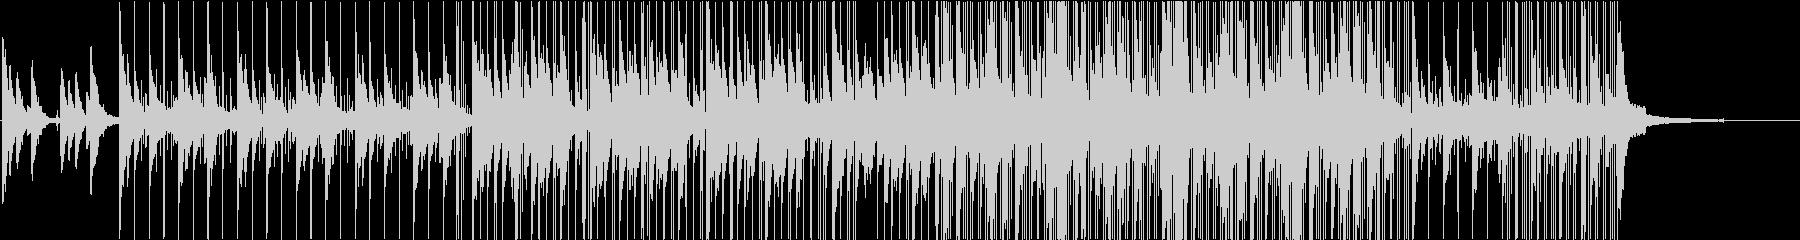 癒しの音の未再生の波形